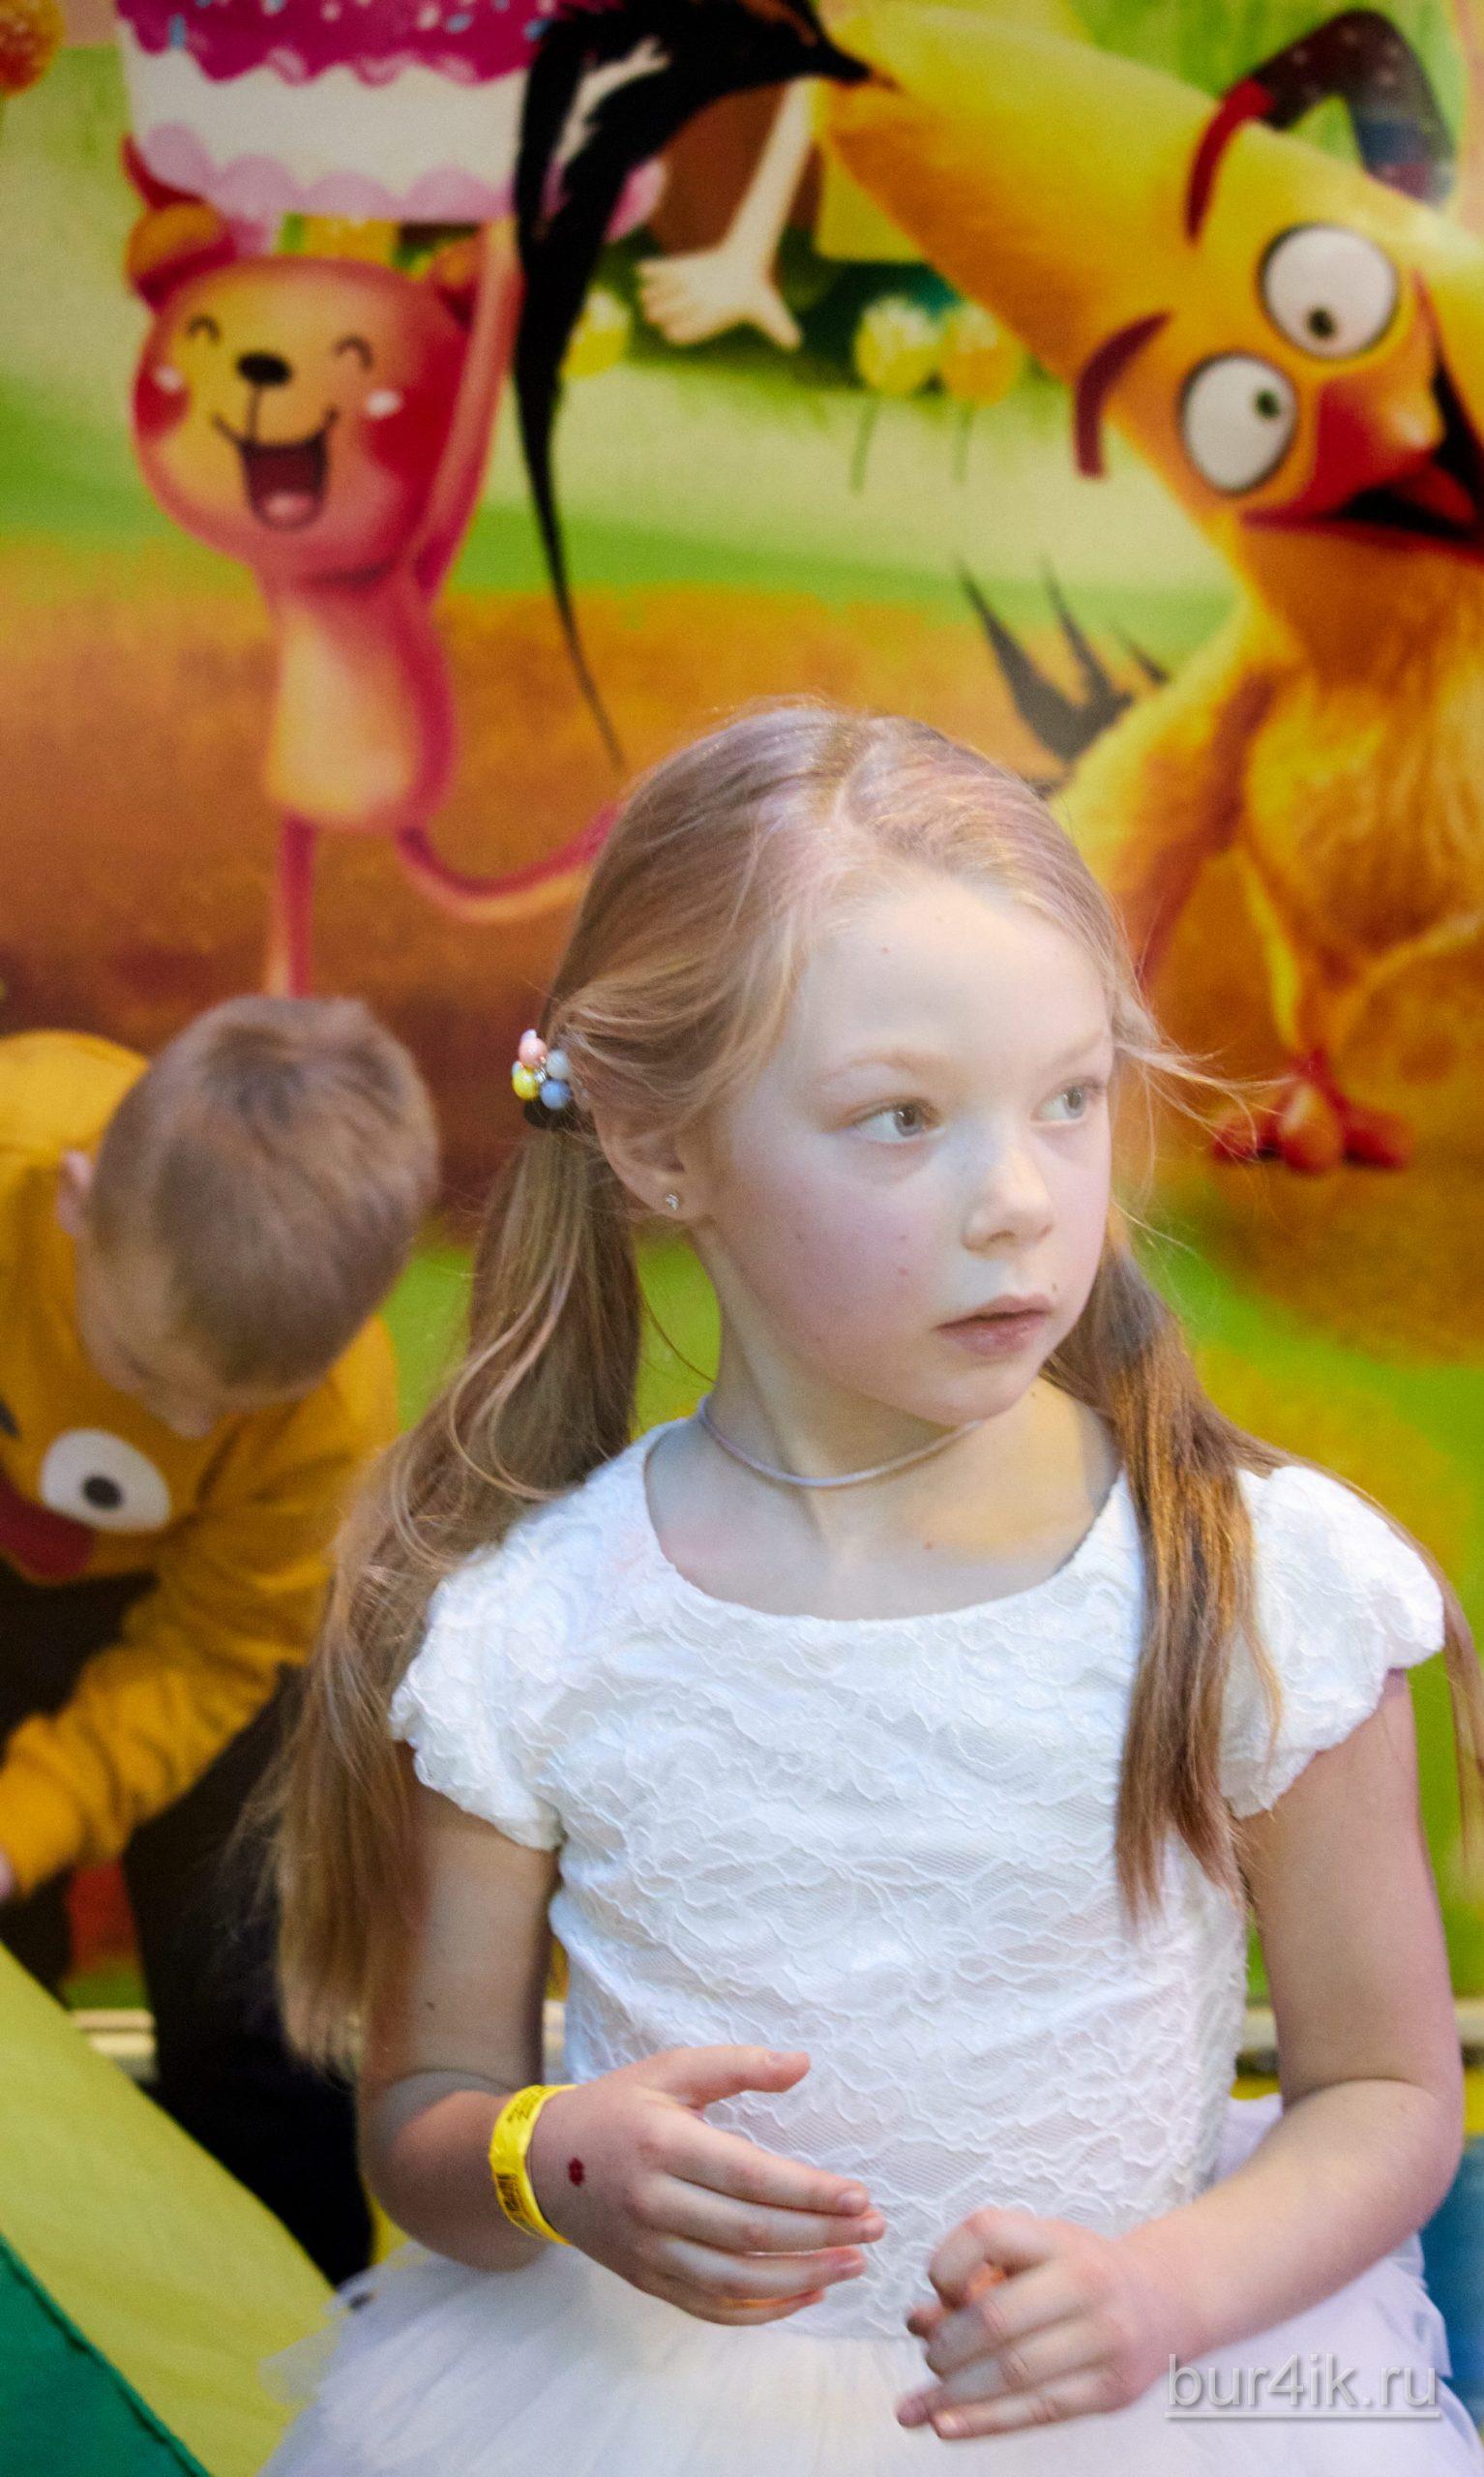 Фото Детское День Рождения в Детский Дворик 15.01.2020 №226 -photo- bur4ik.ru